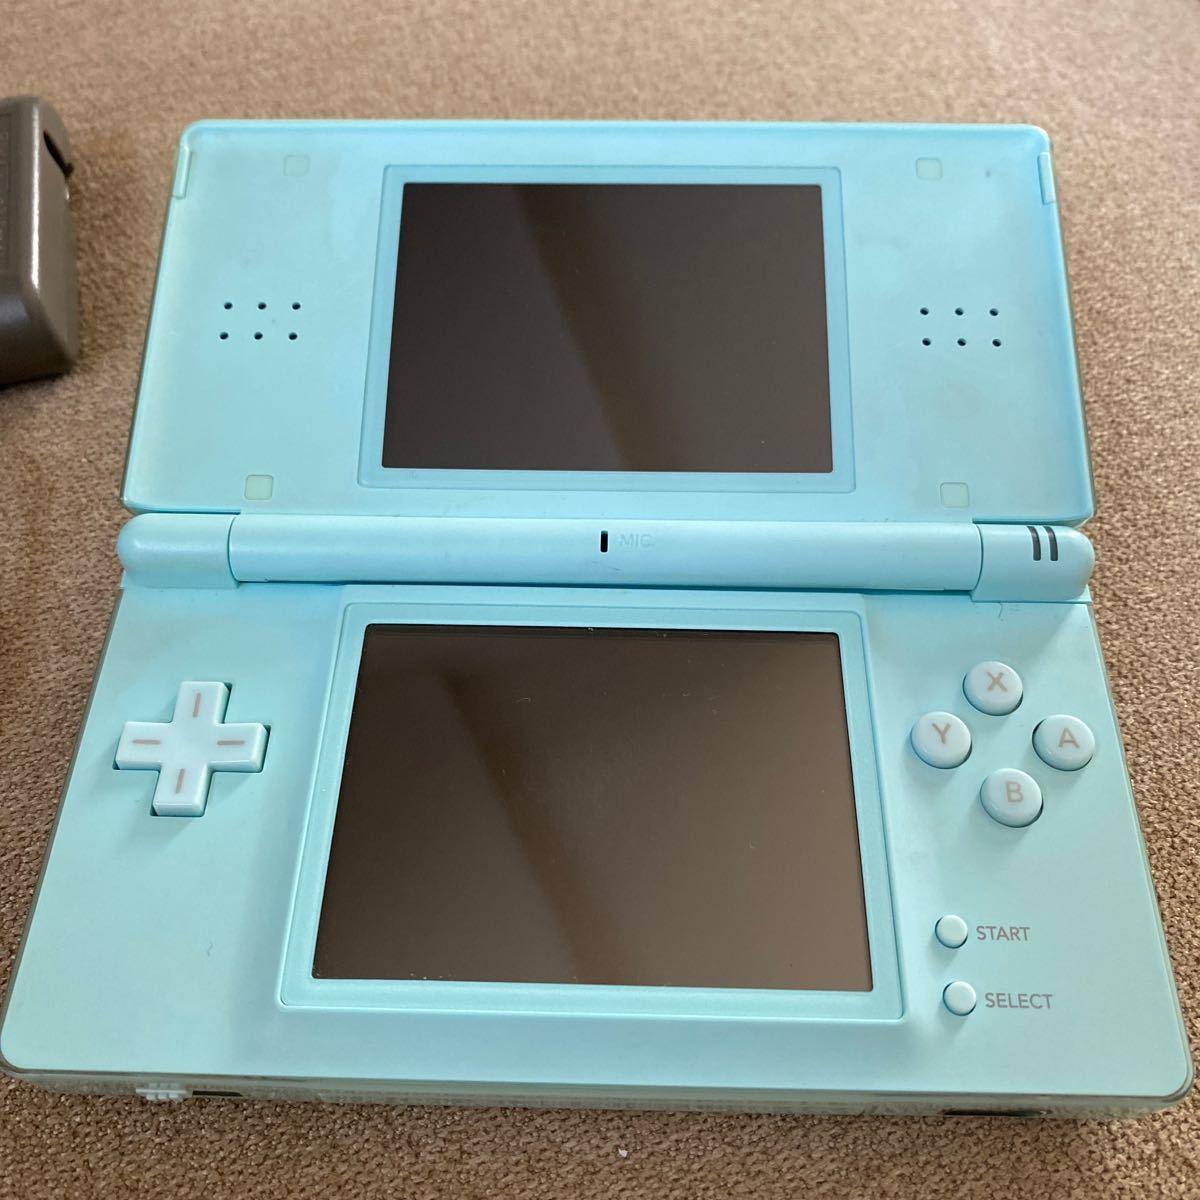 ニンテンドーDS Lite 充電器 任天堂 Nintendo アイスブルー